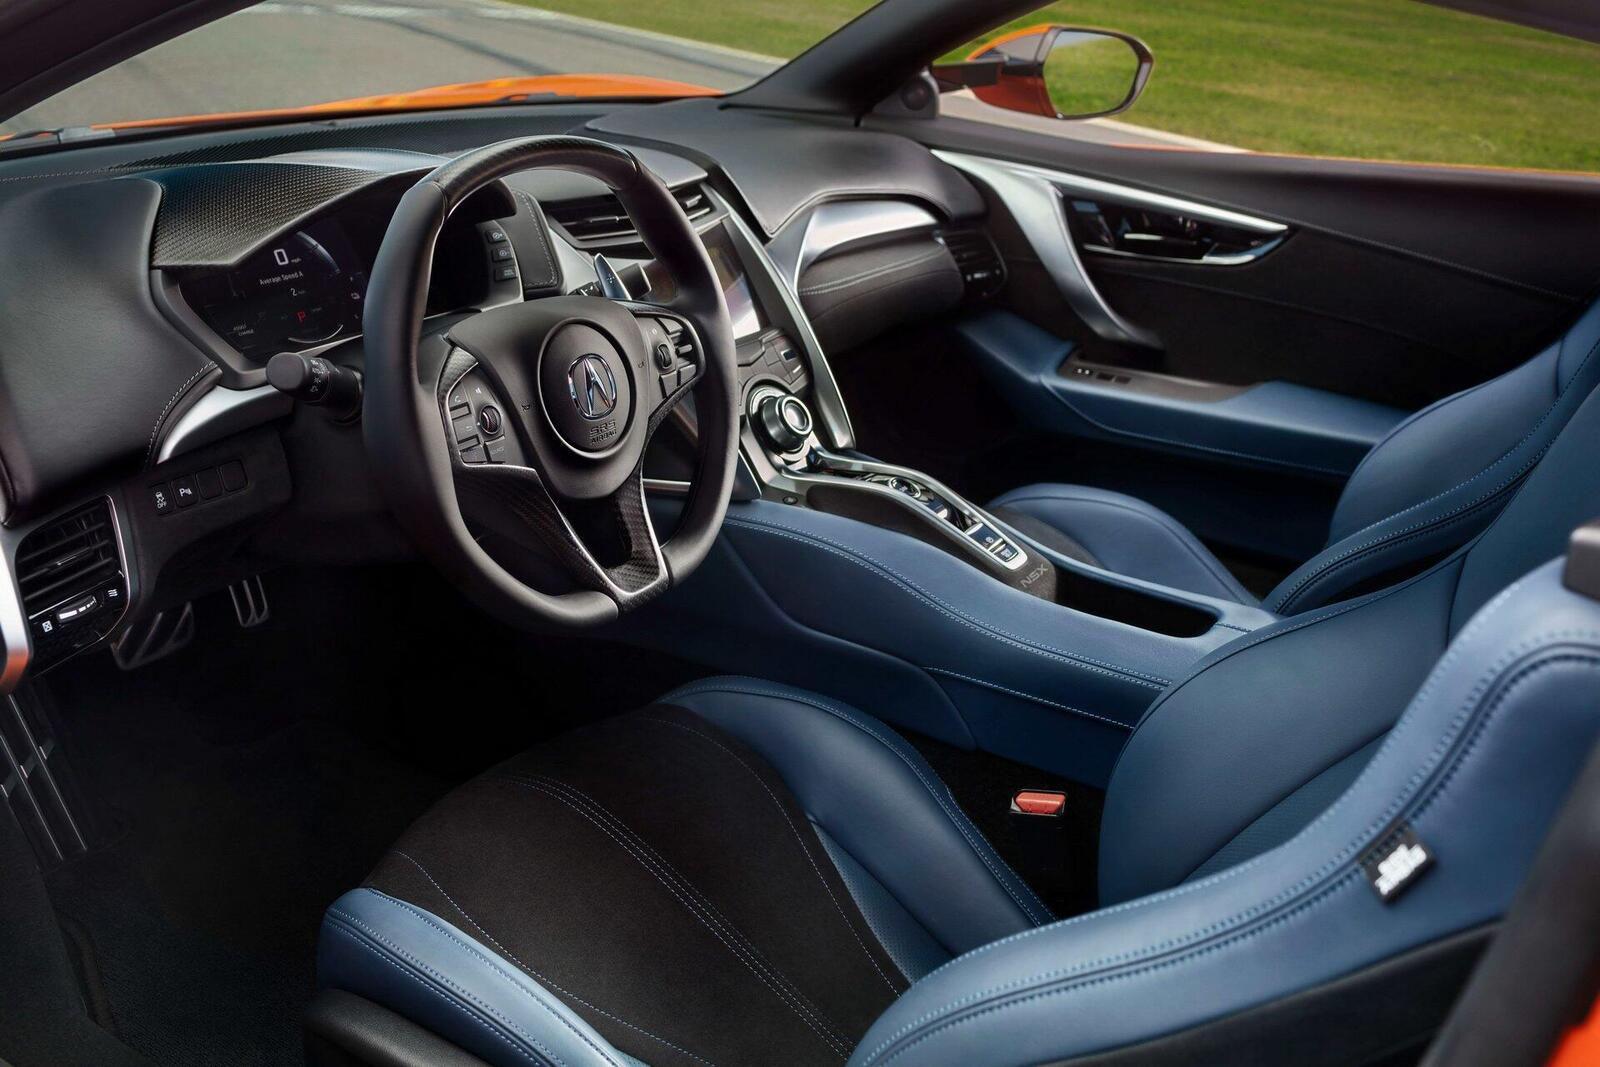 Siêu xe Acura NSX 2019 động cơ hybrid chốt giá từ 157.500 USD - Hình 6